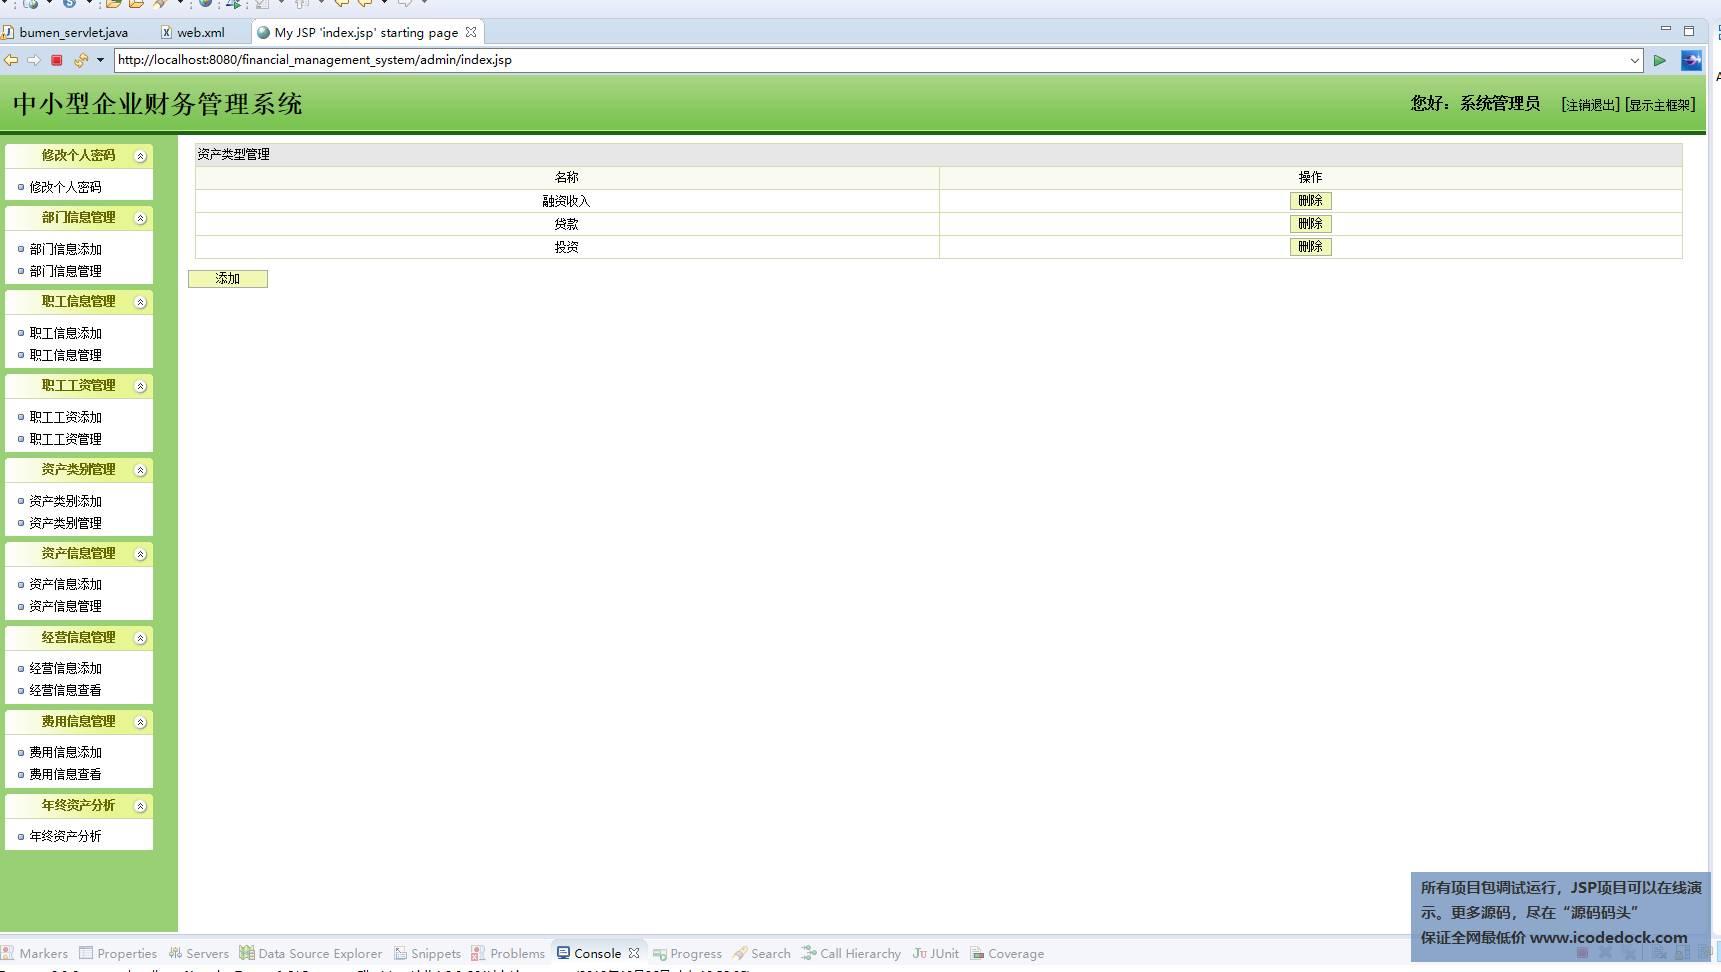 源码码头-JSP企业财务管理系统-管理员角色-资产管理